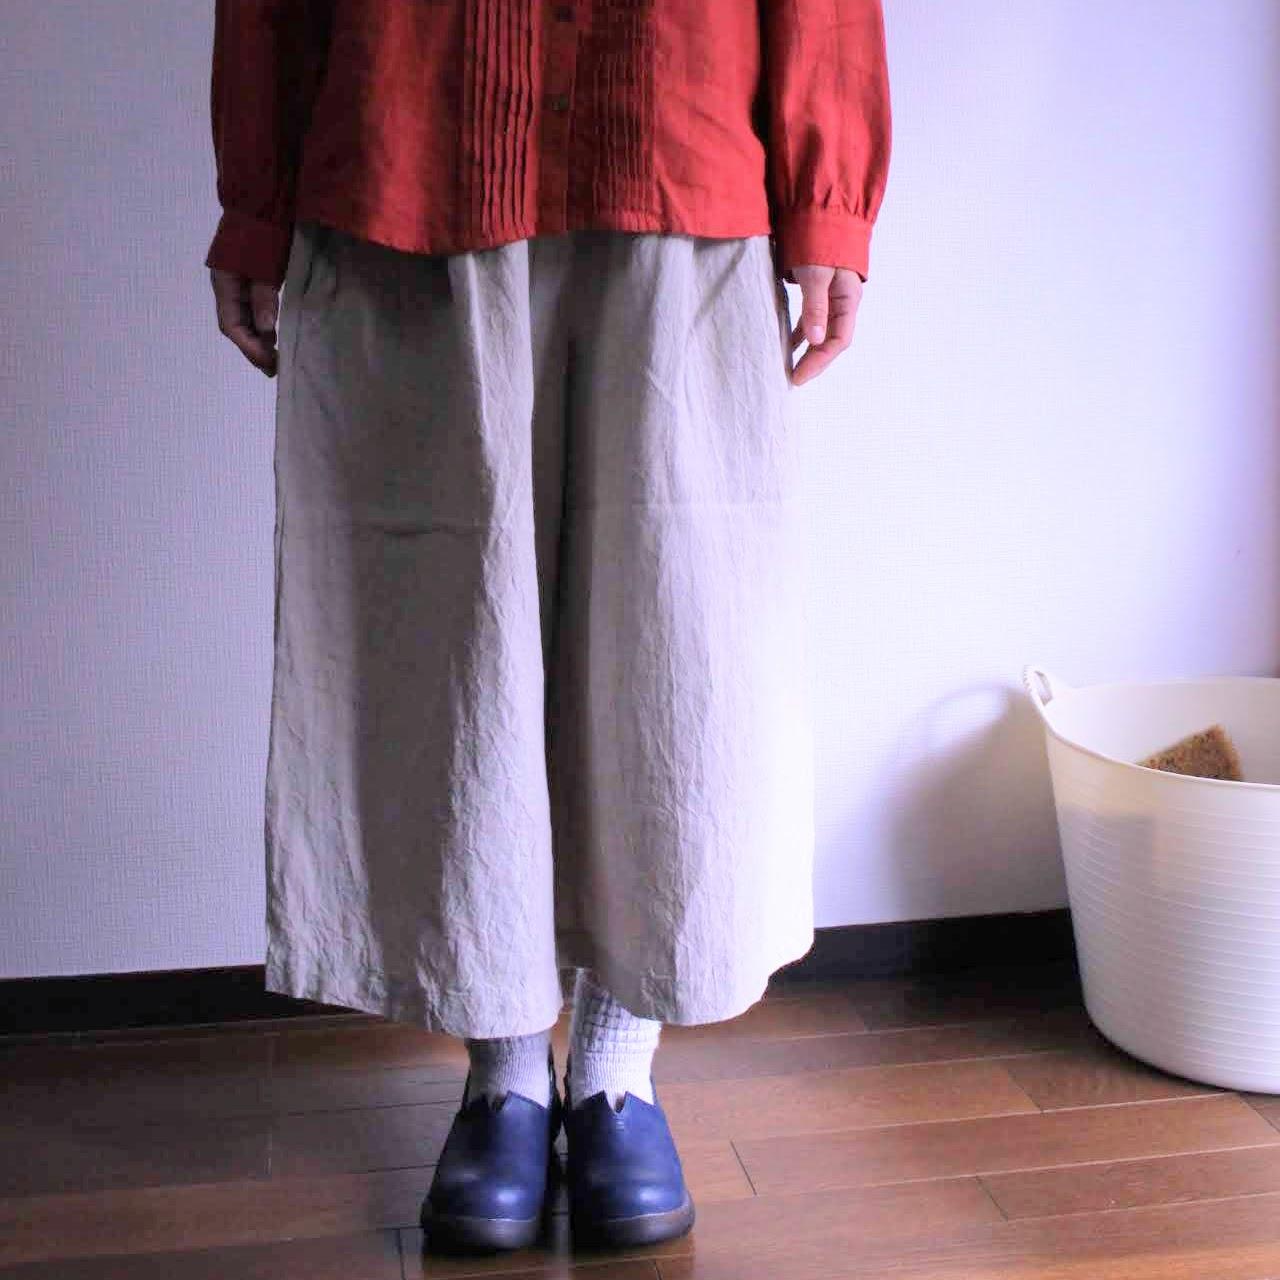 ワッシャーリネンキュロットスカートと服袋ネット販売について。